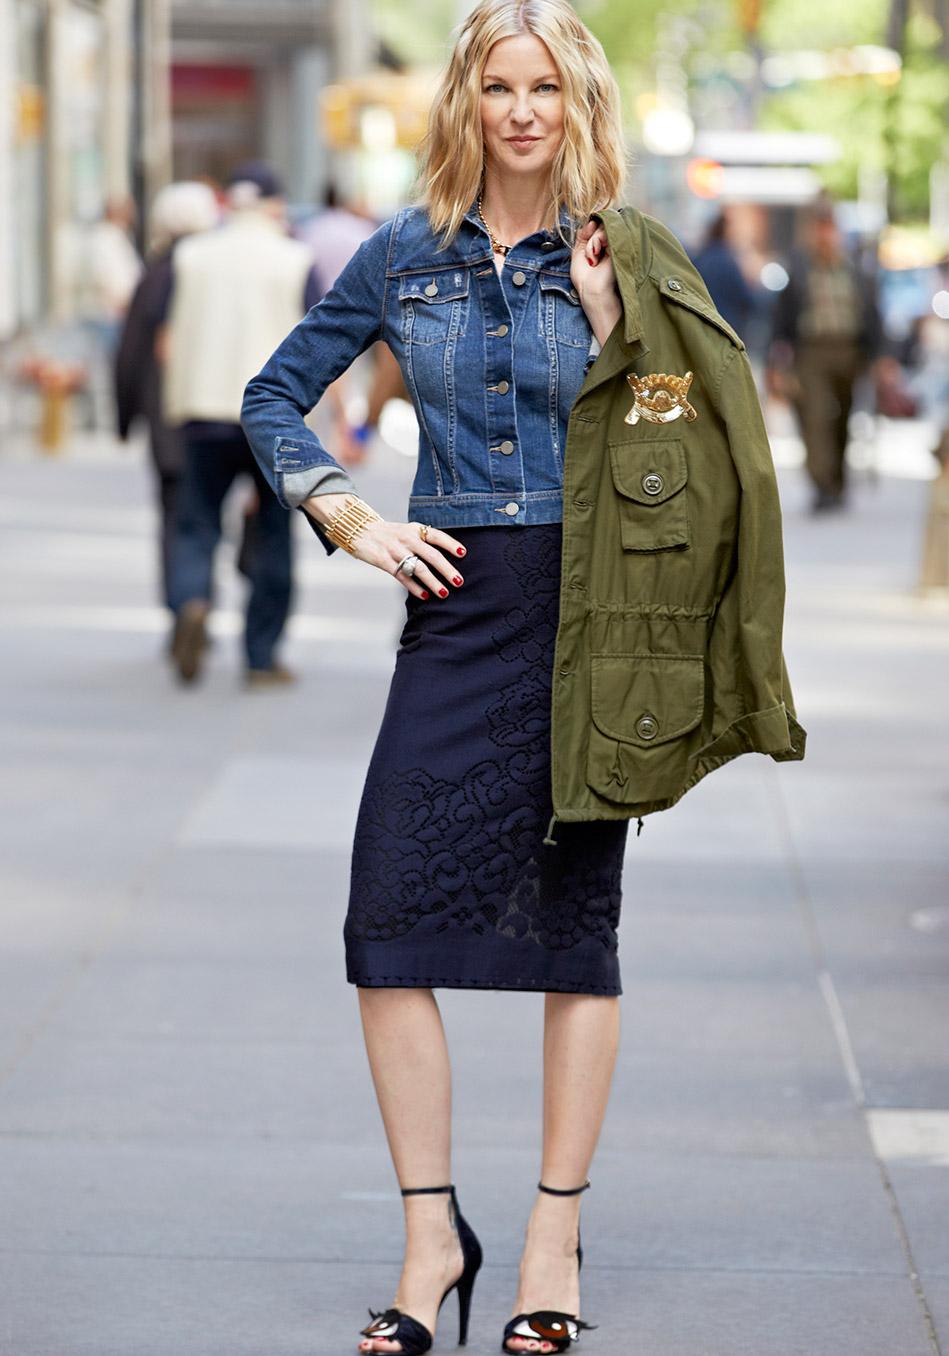 джинсовые вещи, модные тренды осень 2014: джинсовые пиджак из тонкой эластичной ткани под куртки